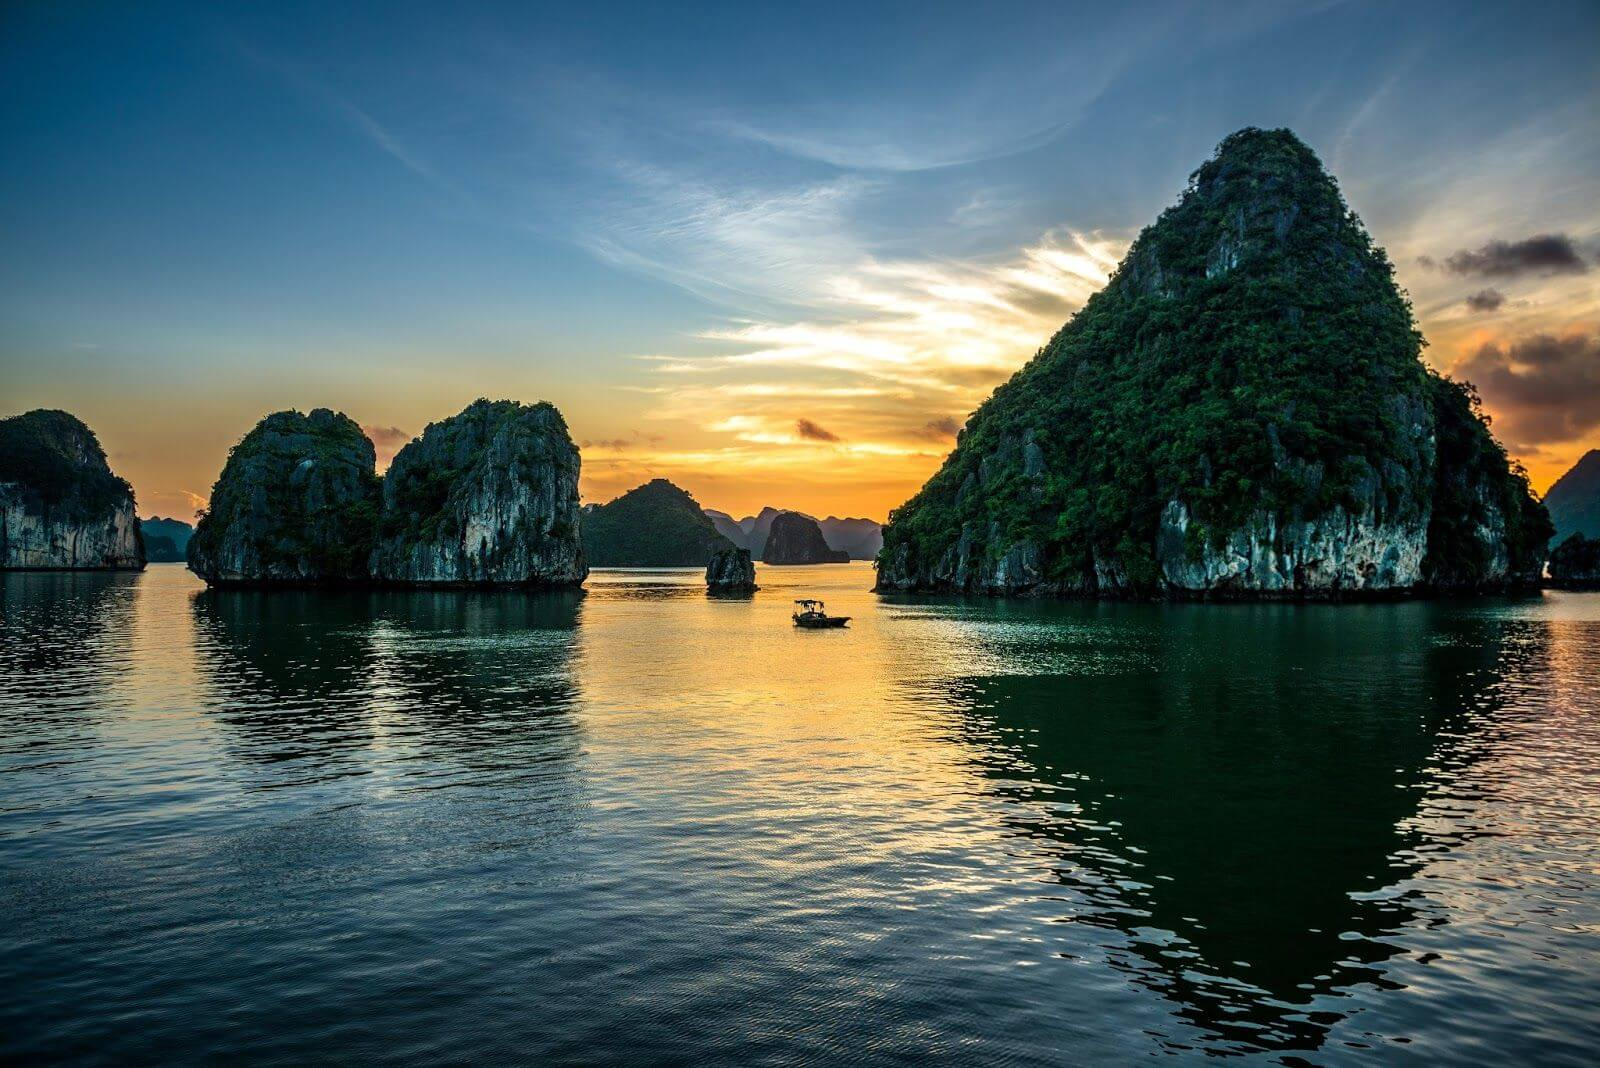 vietnam-en-bref-7-jours-3